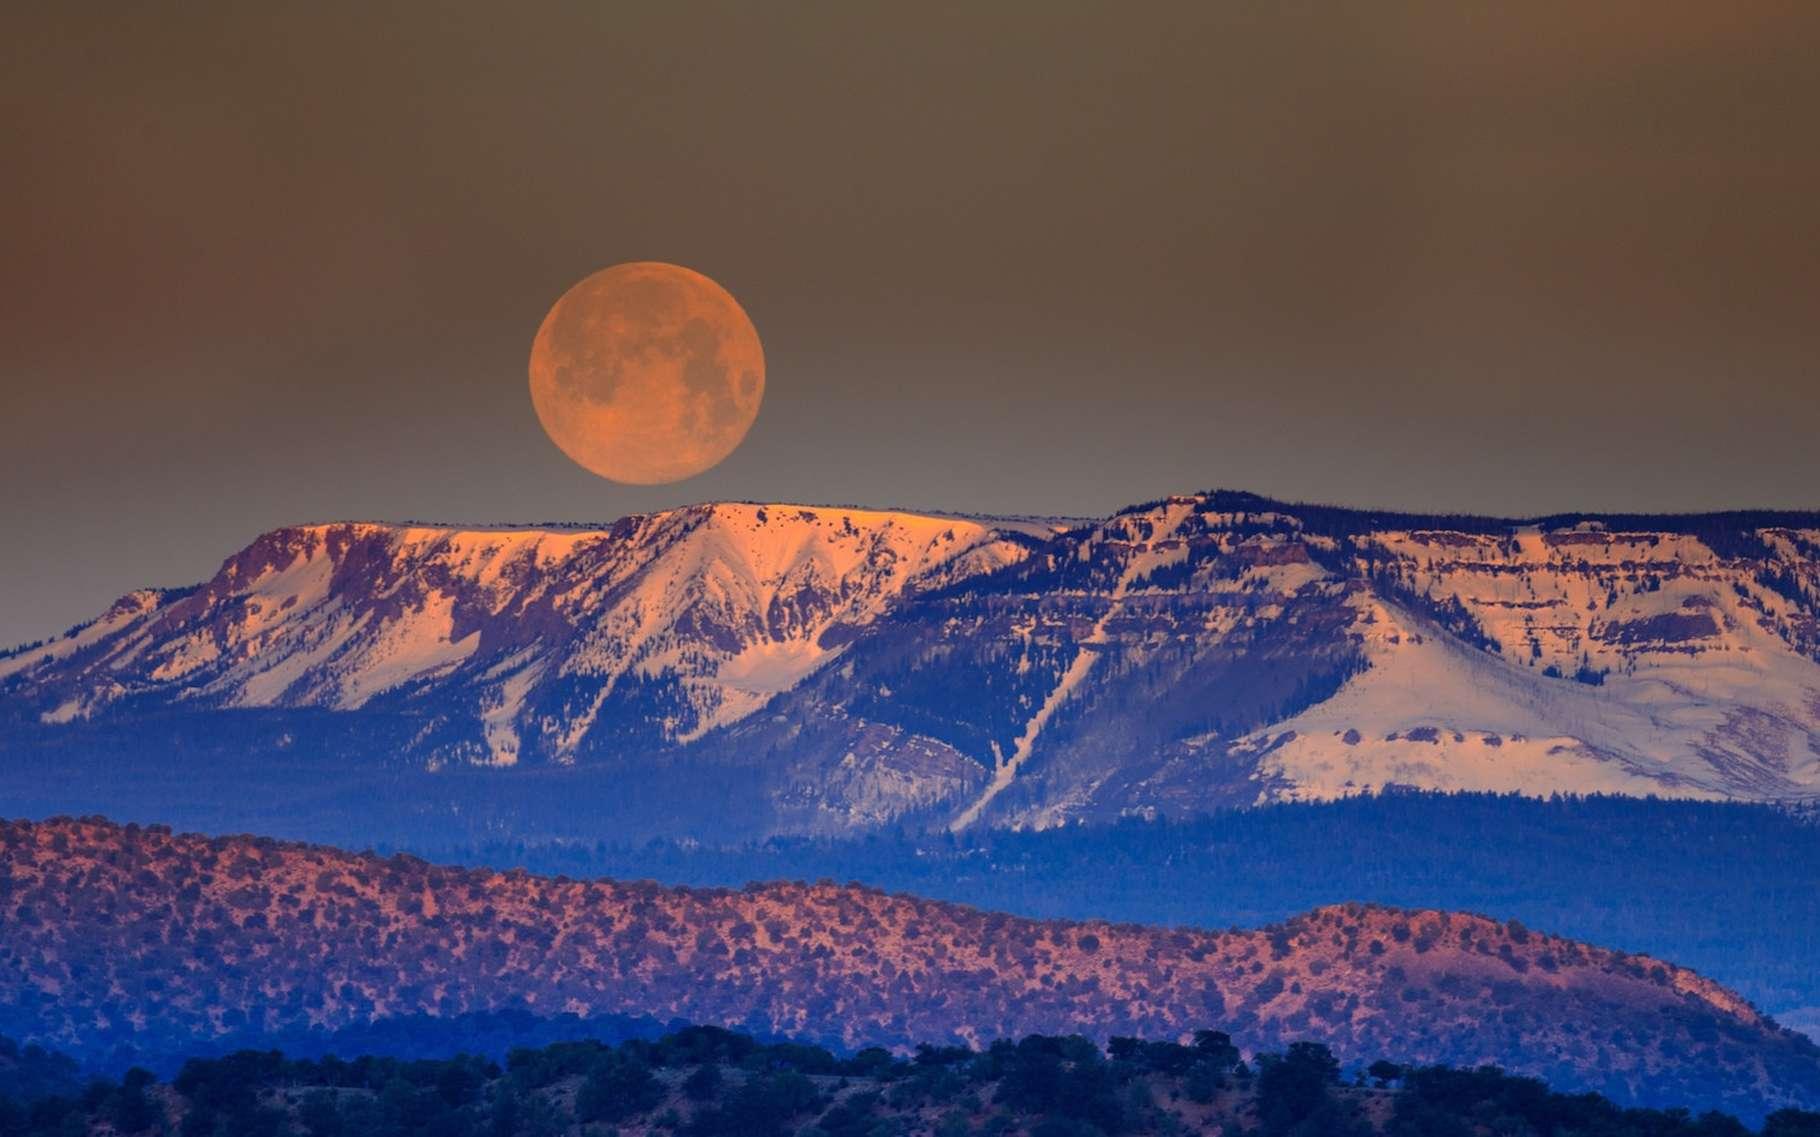 Lorsque notre satellite est à son périgée au moment de la pleine Lune, on assiste à une superlune. © Andrea Reiman, Unsplash